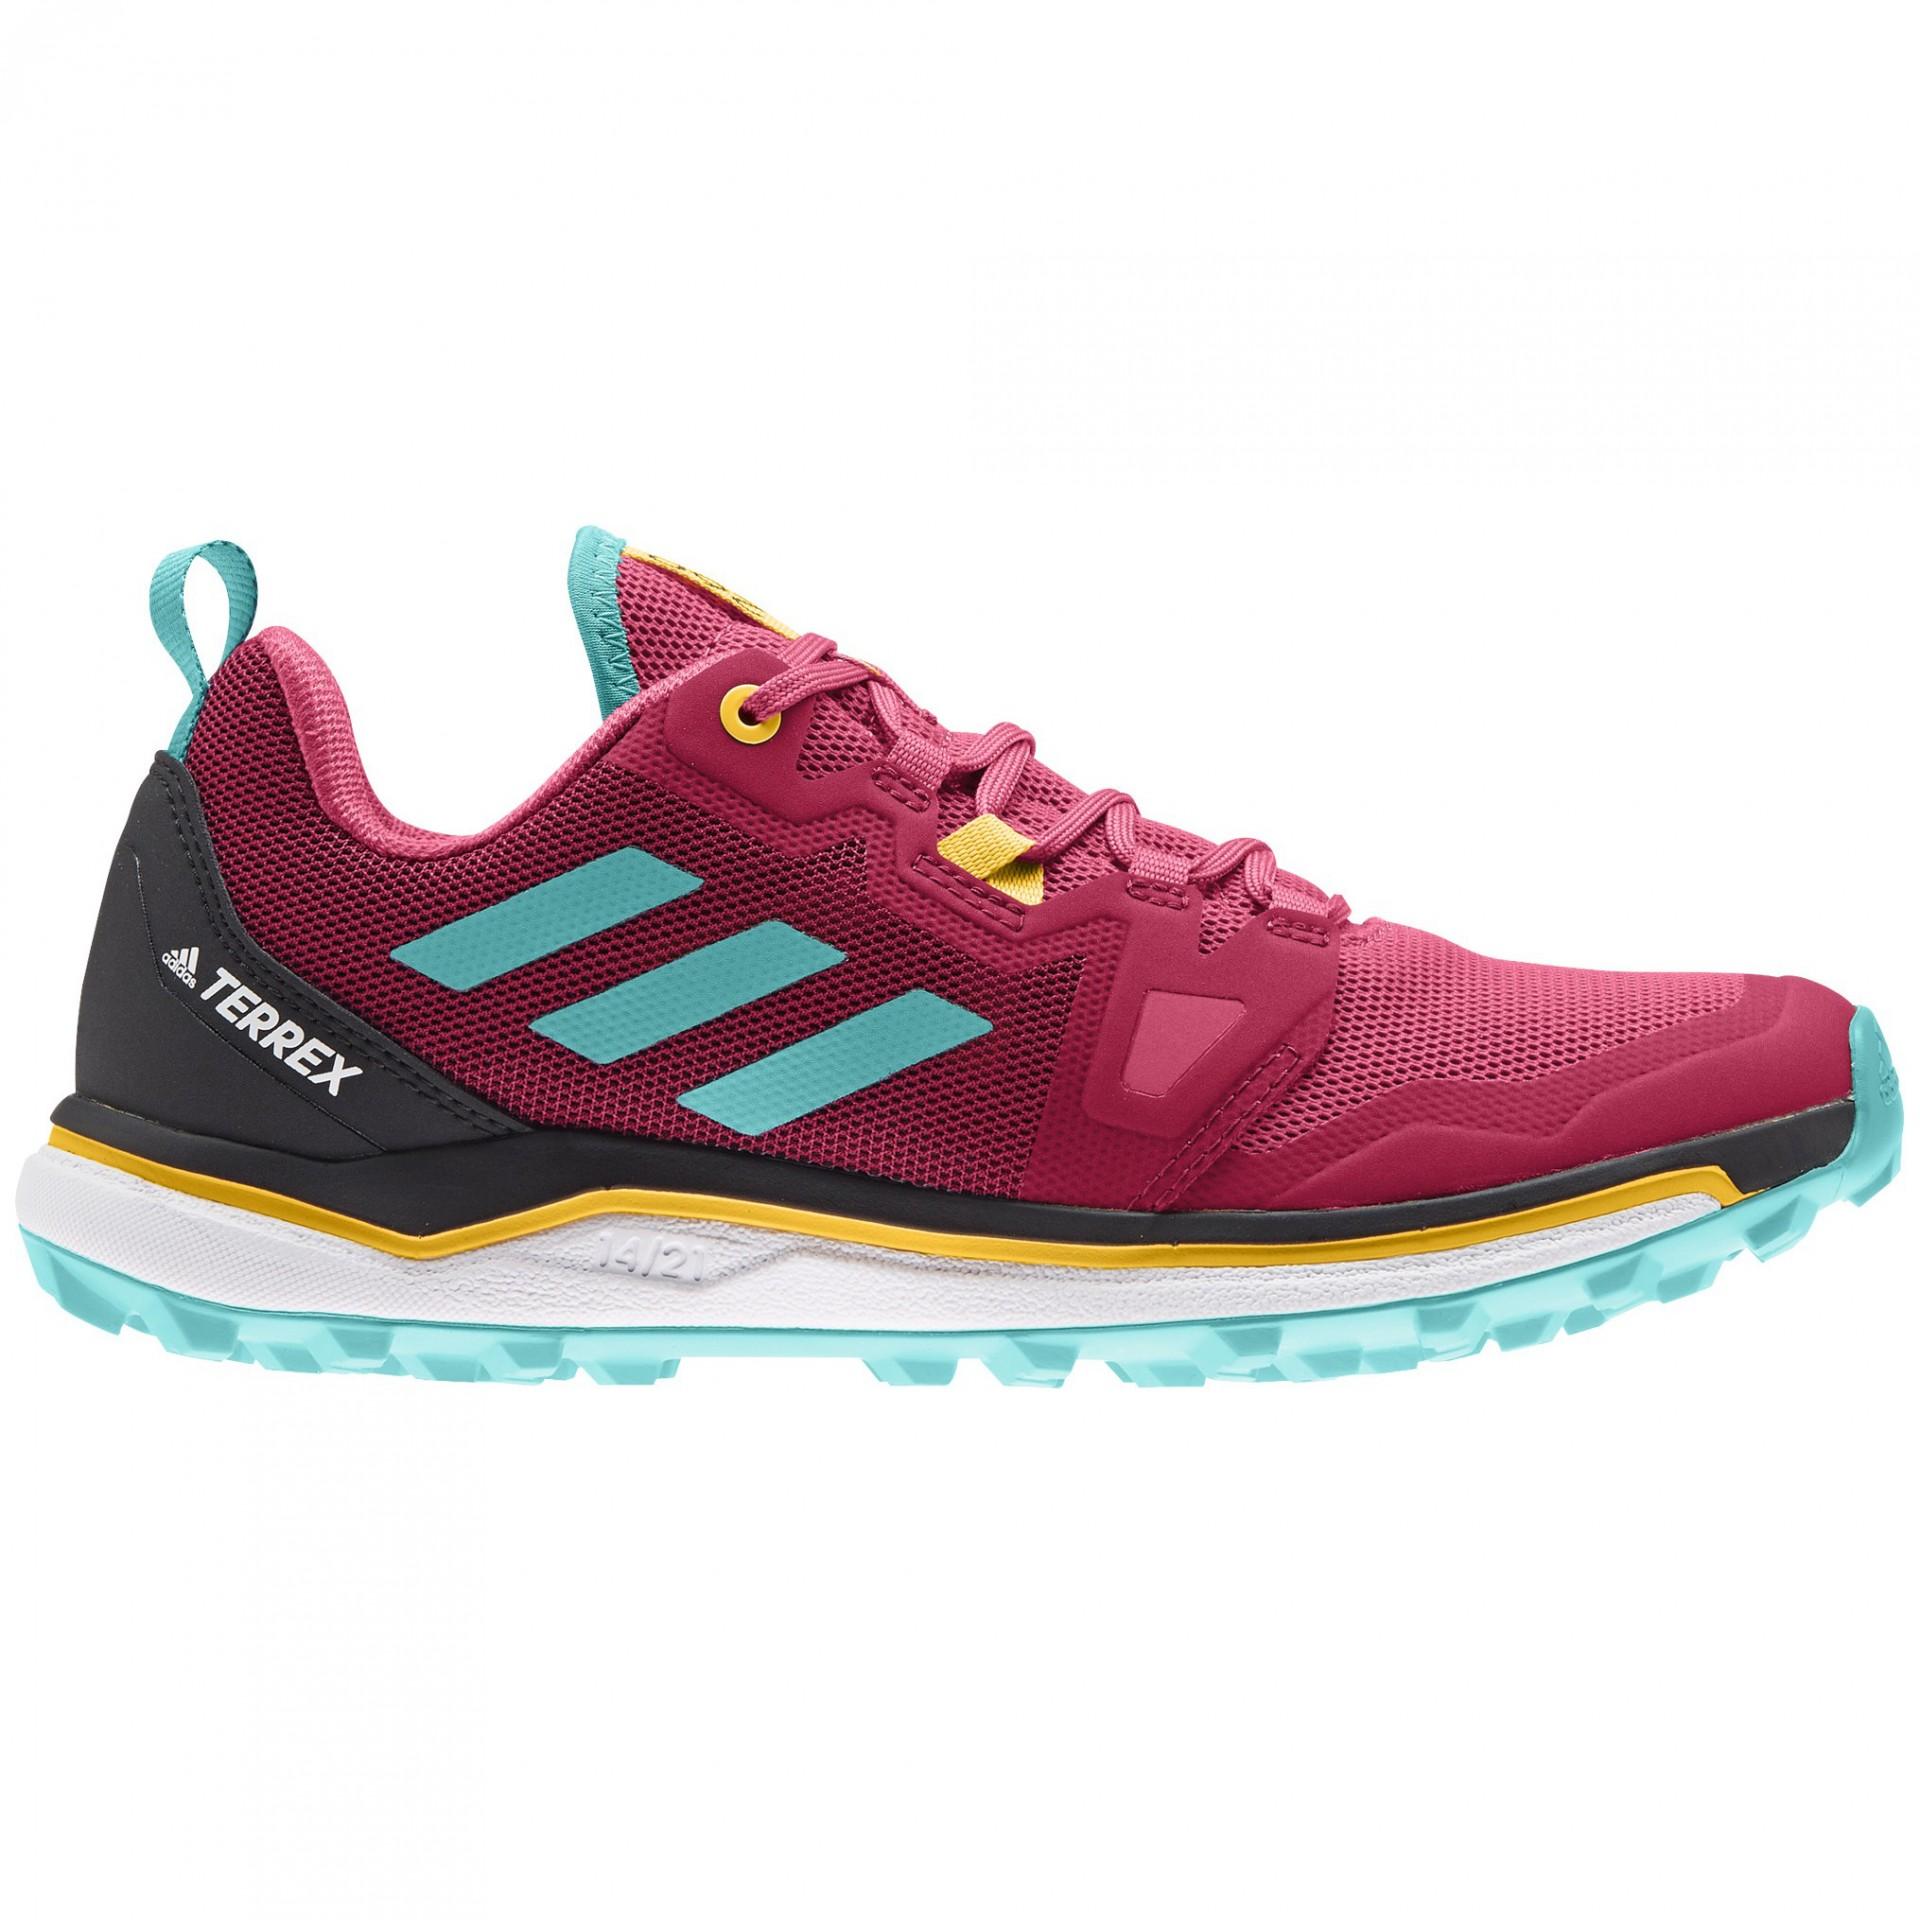 Adidas Terrex Agravic Woman Pink